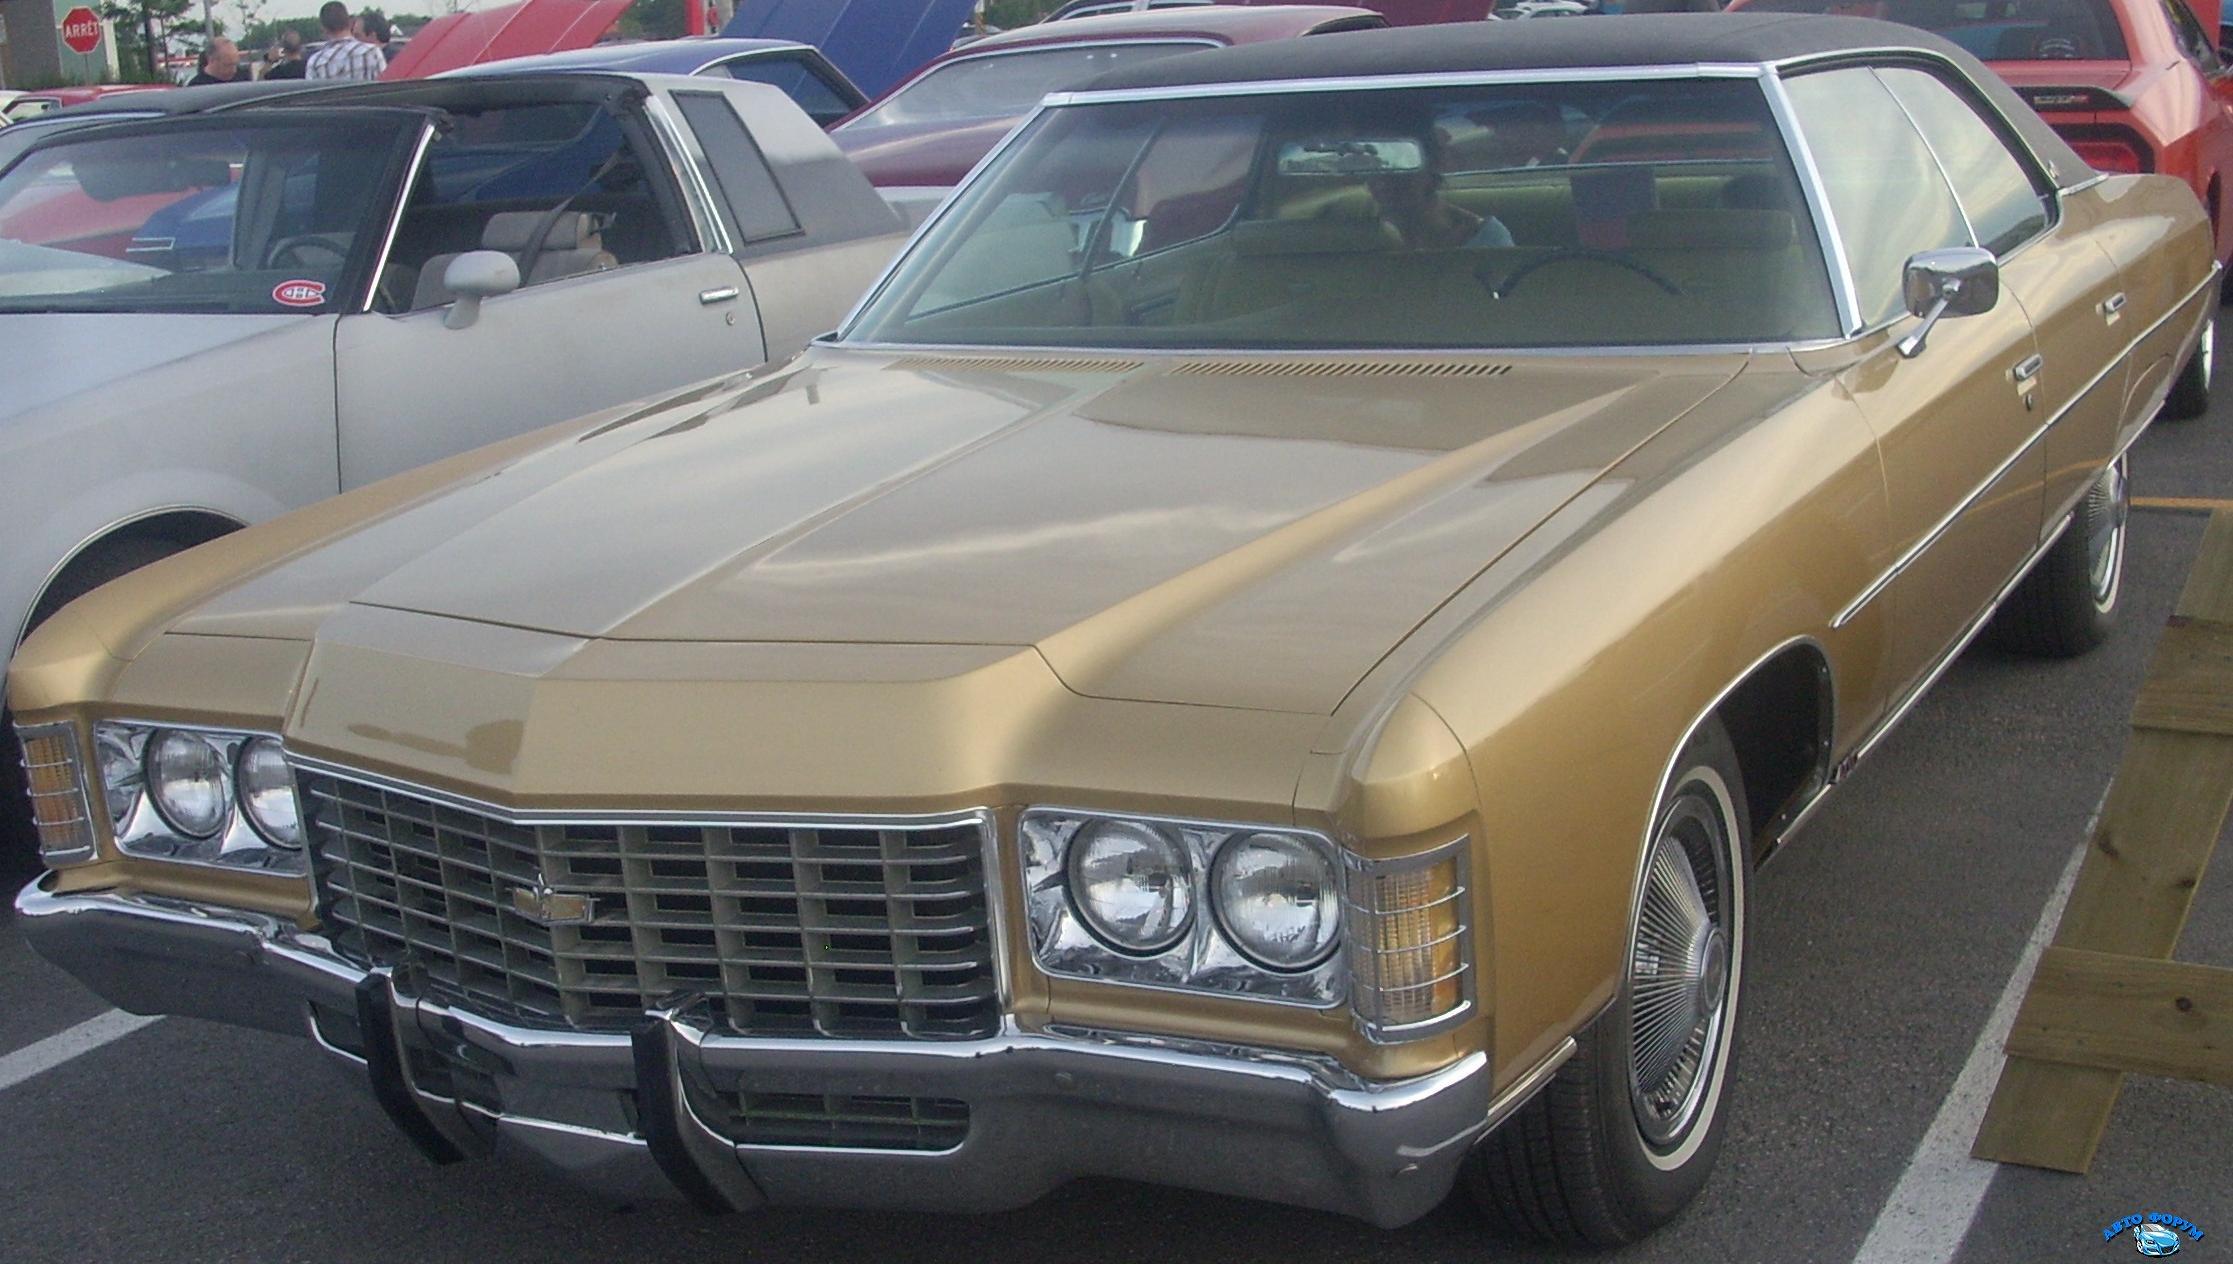 \'71_Chevrolet_Caprice_Sedan_(Centropolis_Laval_\'10).jpg